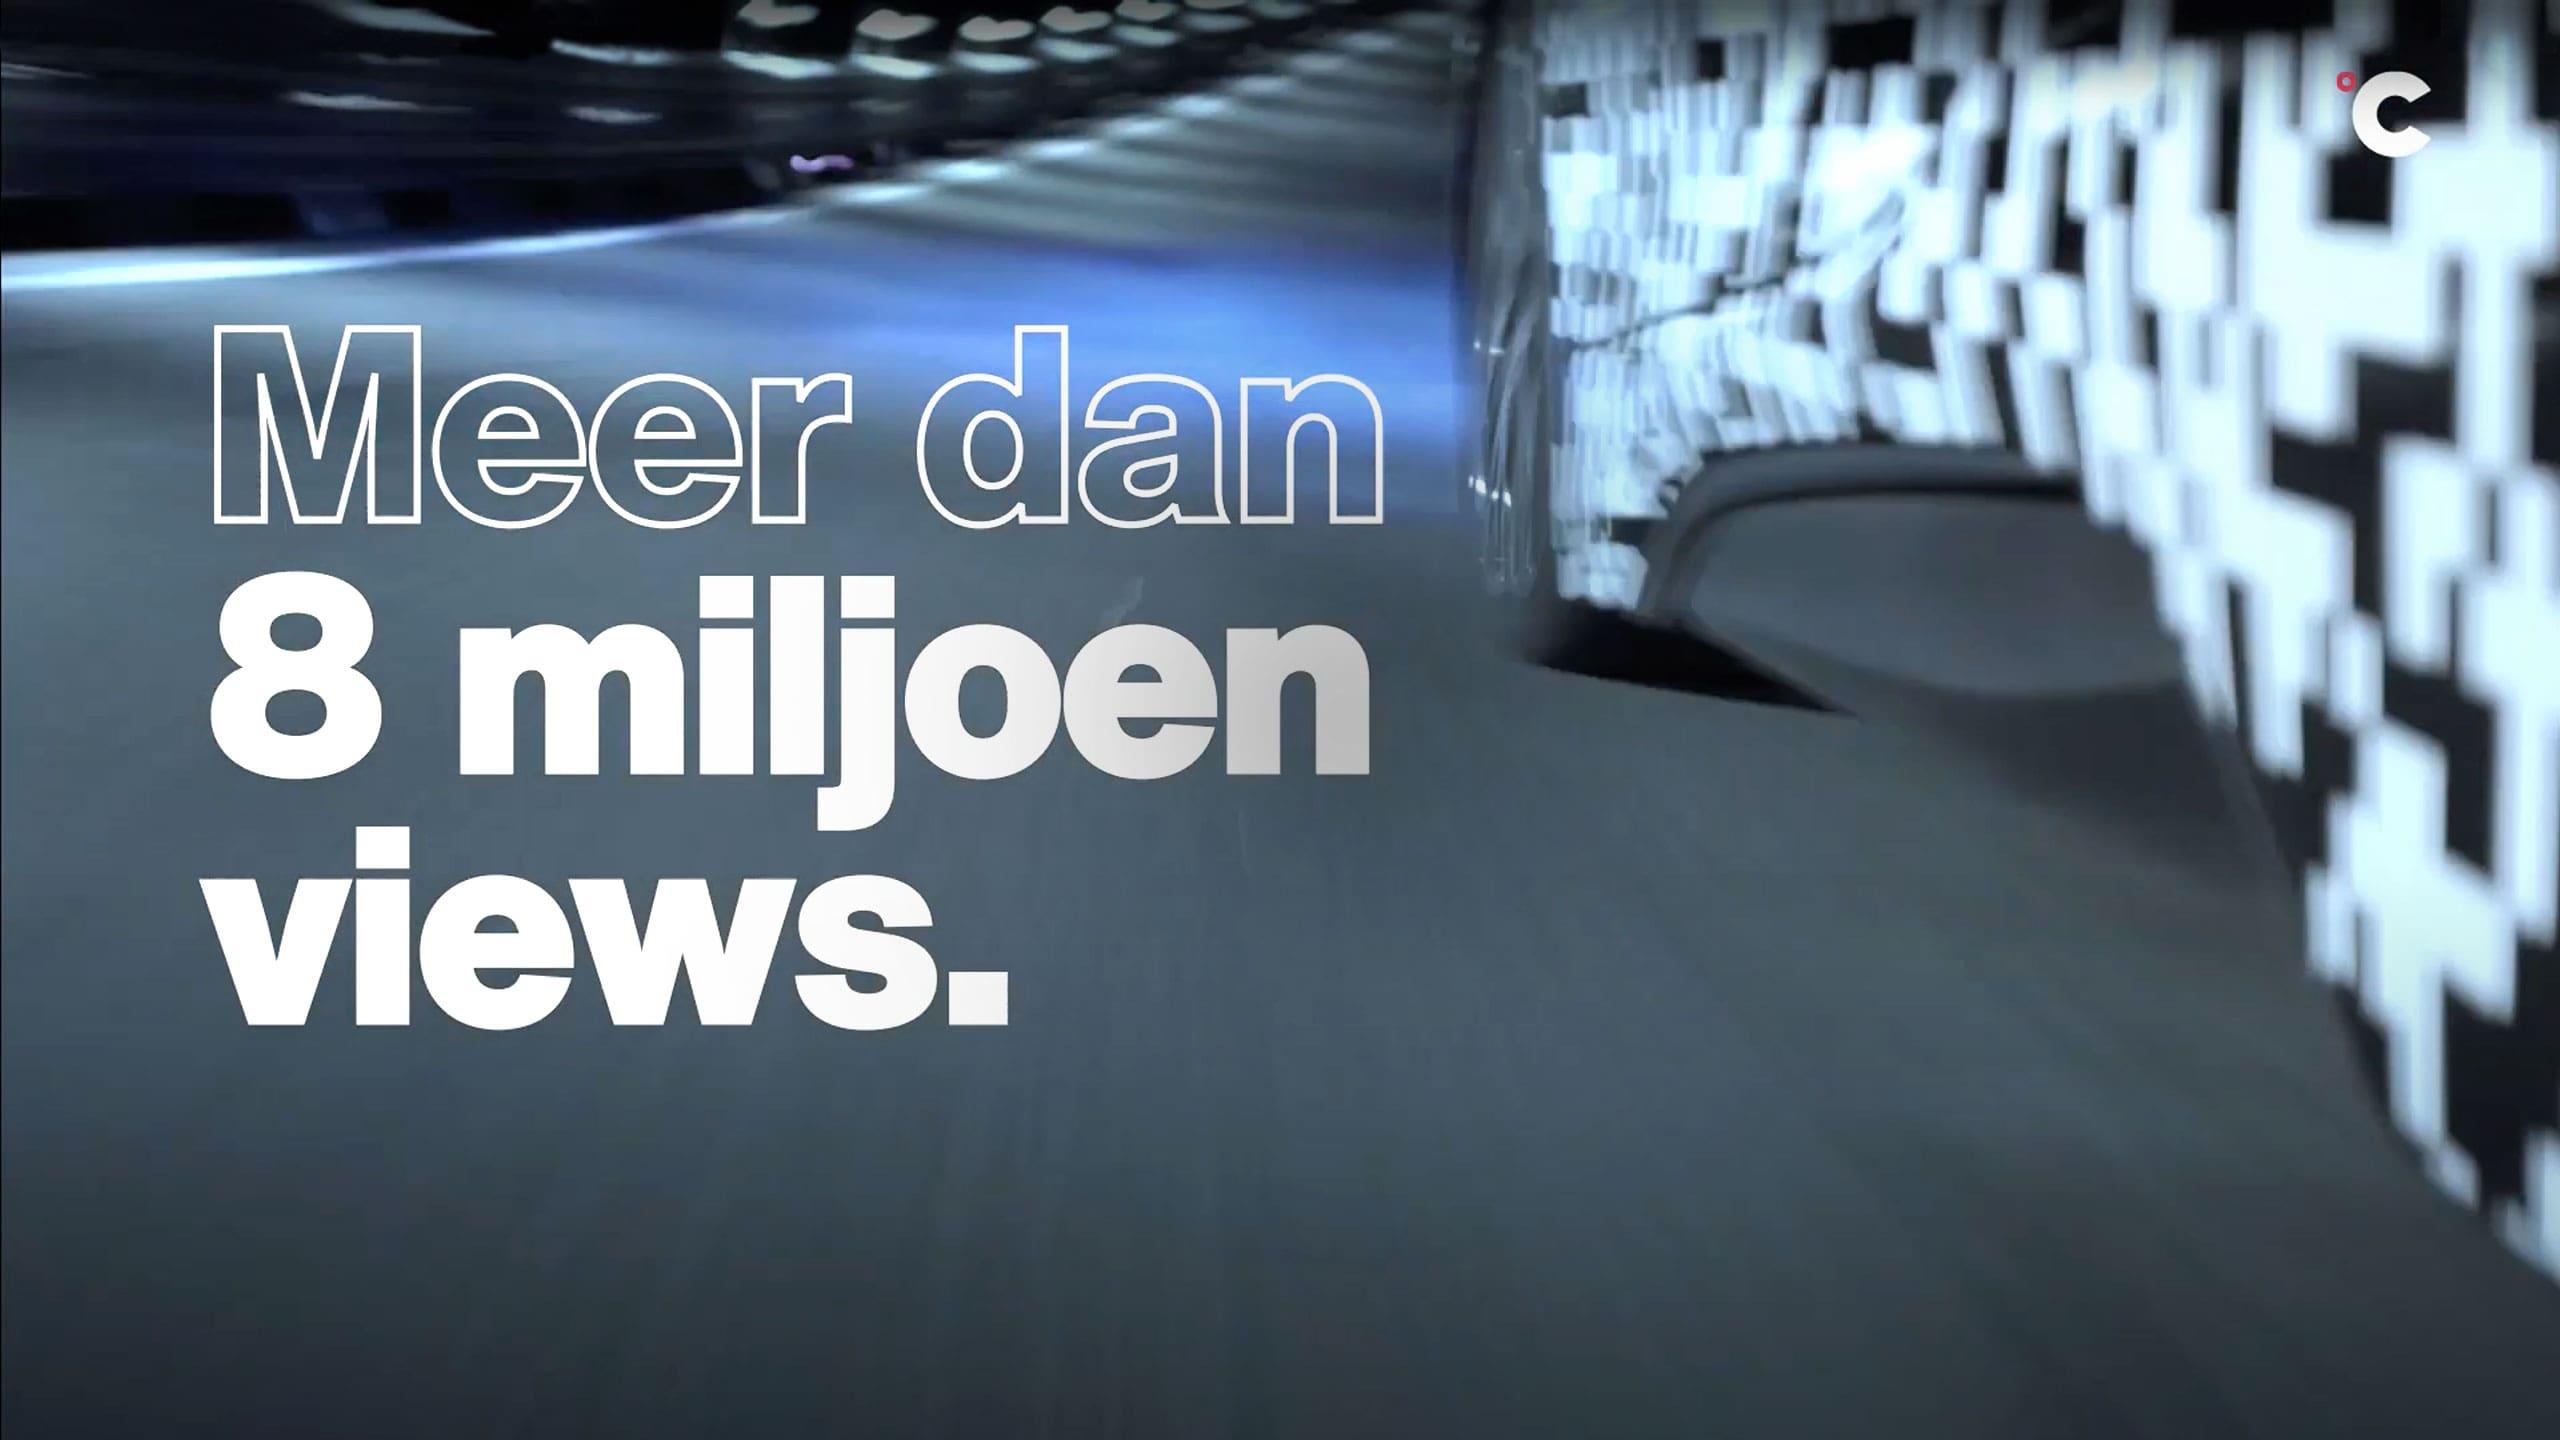 Video met resultaten van het aantal views van de Automotive campagne en Safety & Life protection campagne van Teijin Aramid